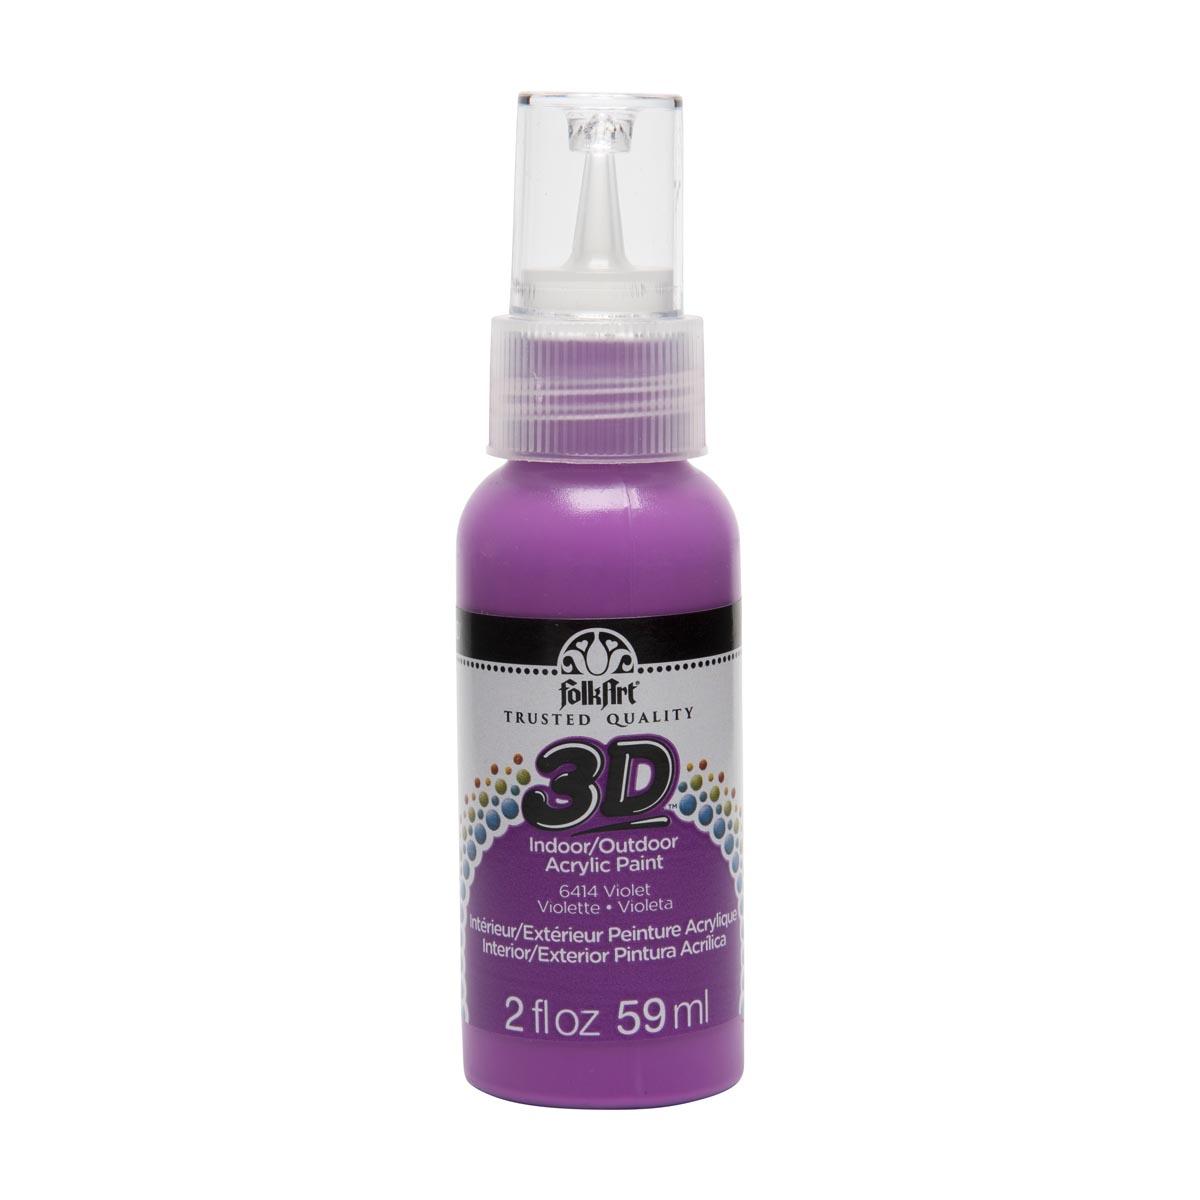 FolkArt ® 3D™ Acrylic Paint - Violet, 2 oz.